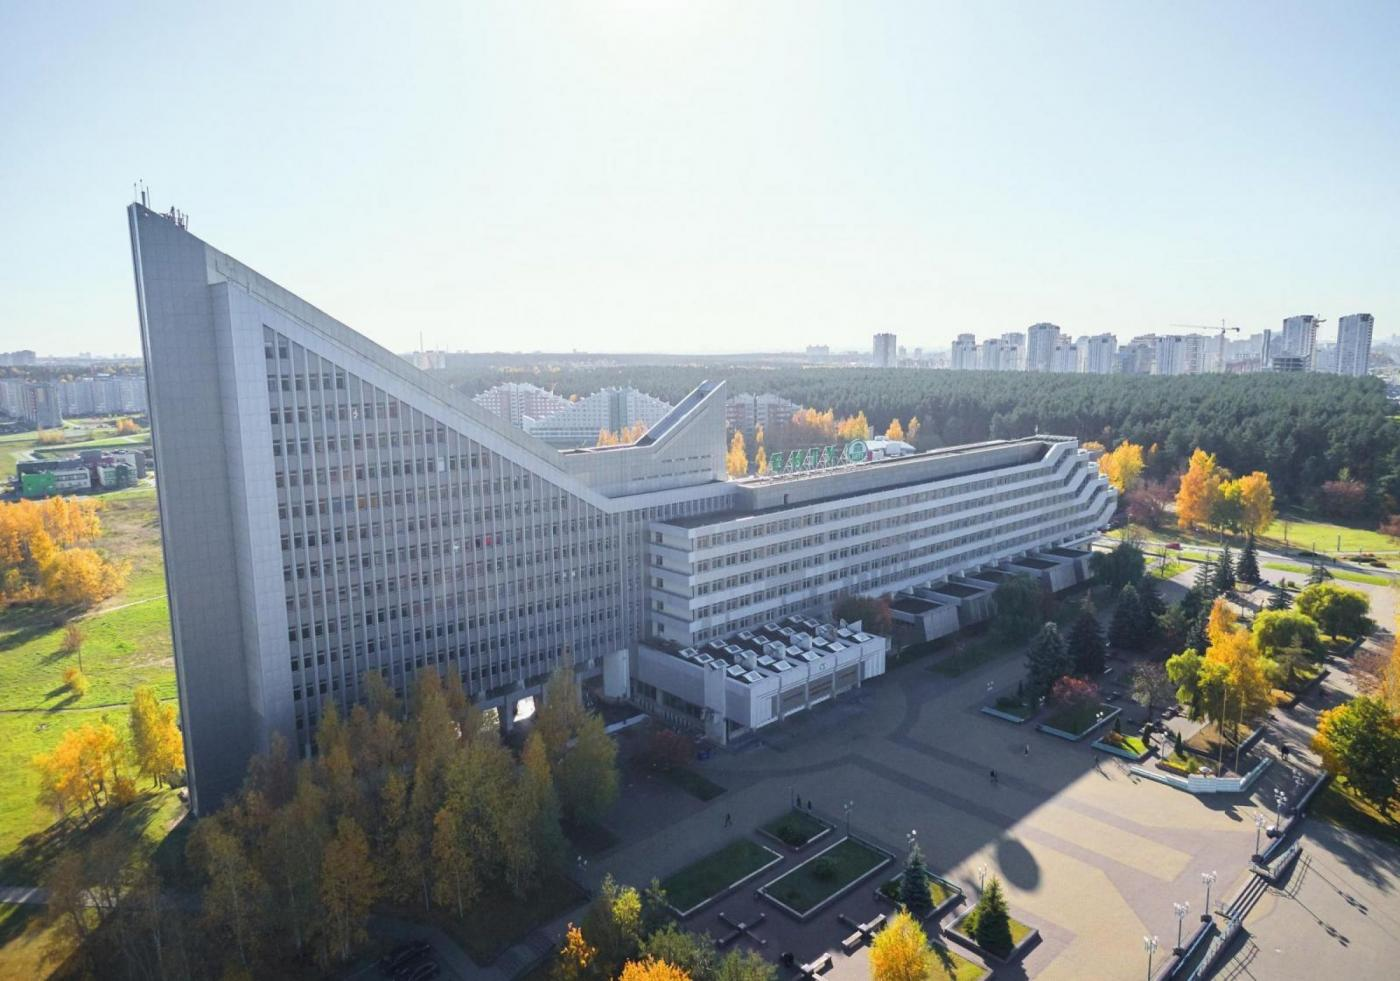 БНТУ поднялся в мировом рейтинге университетов Webometrics на 249 пунктов